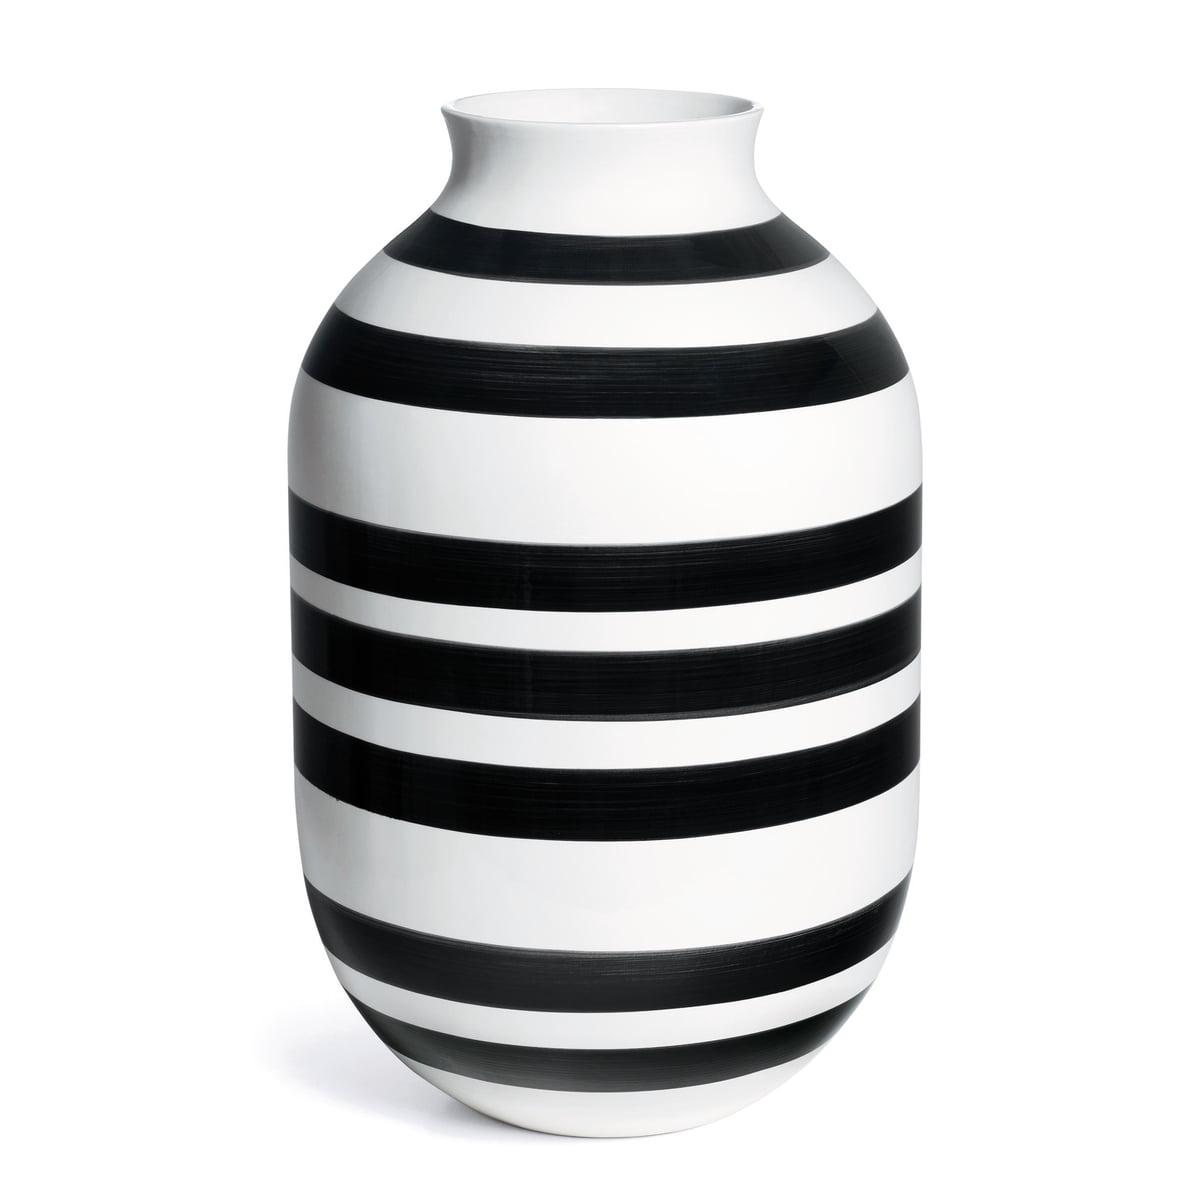 k hler design omaggio vase h 50 cm schwarz wei schwarz wei h 50 online kaufen bei woonio